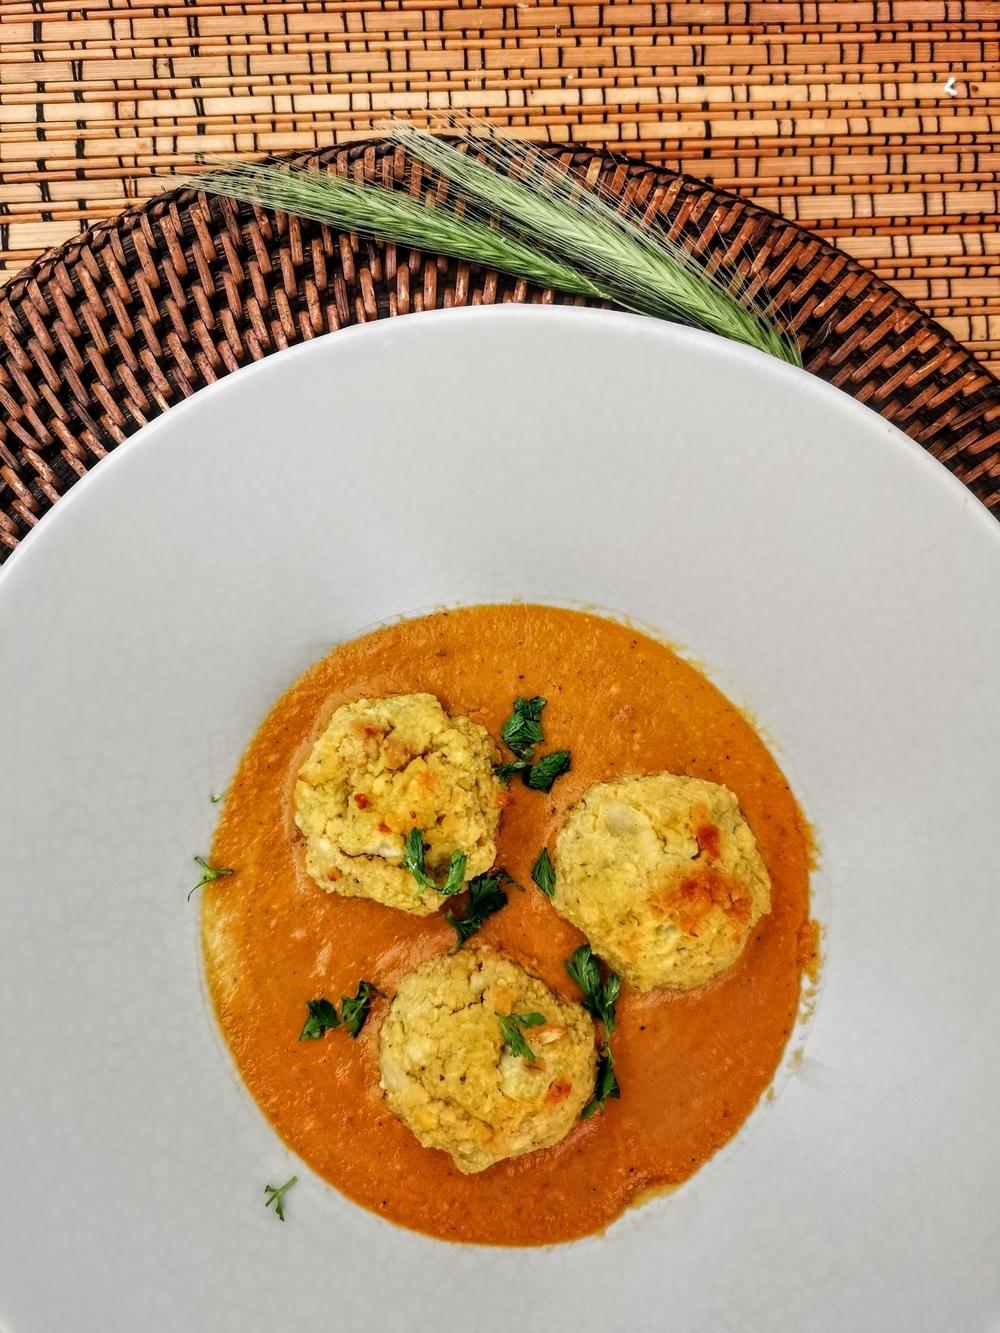 Malai kofta, boulettes de pommes de terre indiennes, sauce crémeuse